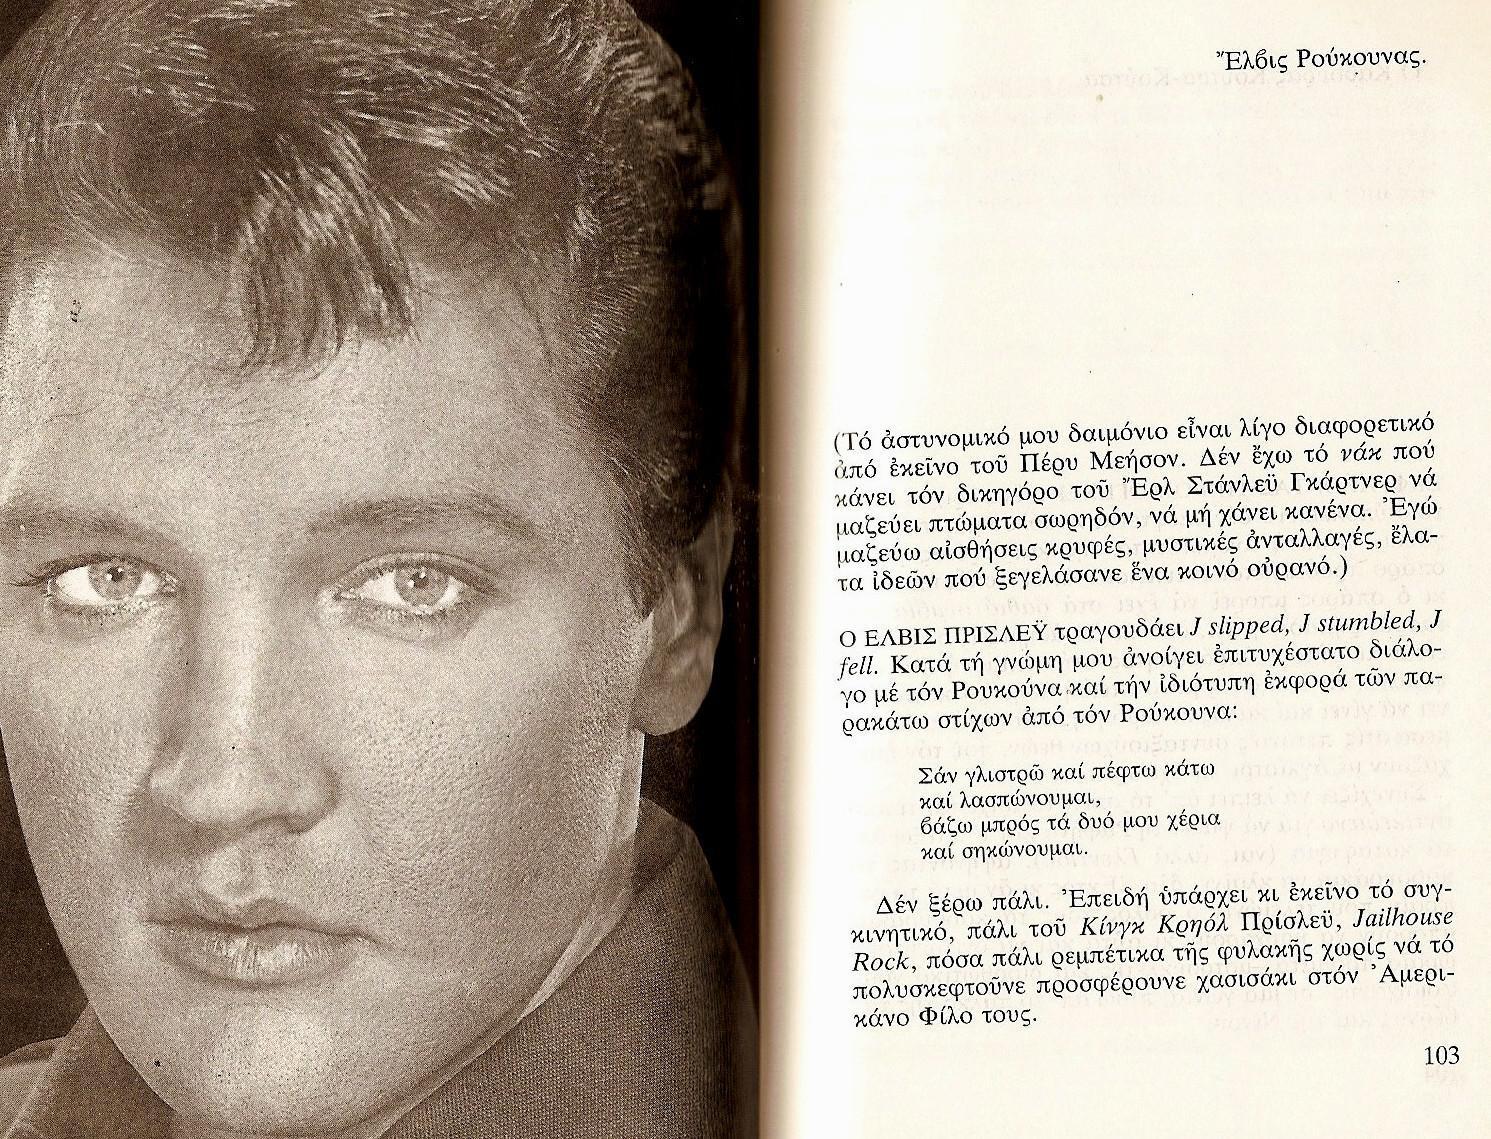 Από το βιβλίο του Σωτήρη Κακίση «Τρόμος στο Κολλέγιο» (Καστανιώτης, 1983)